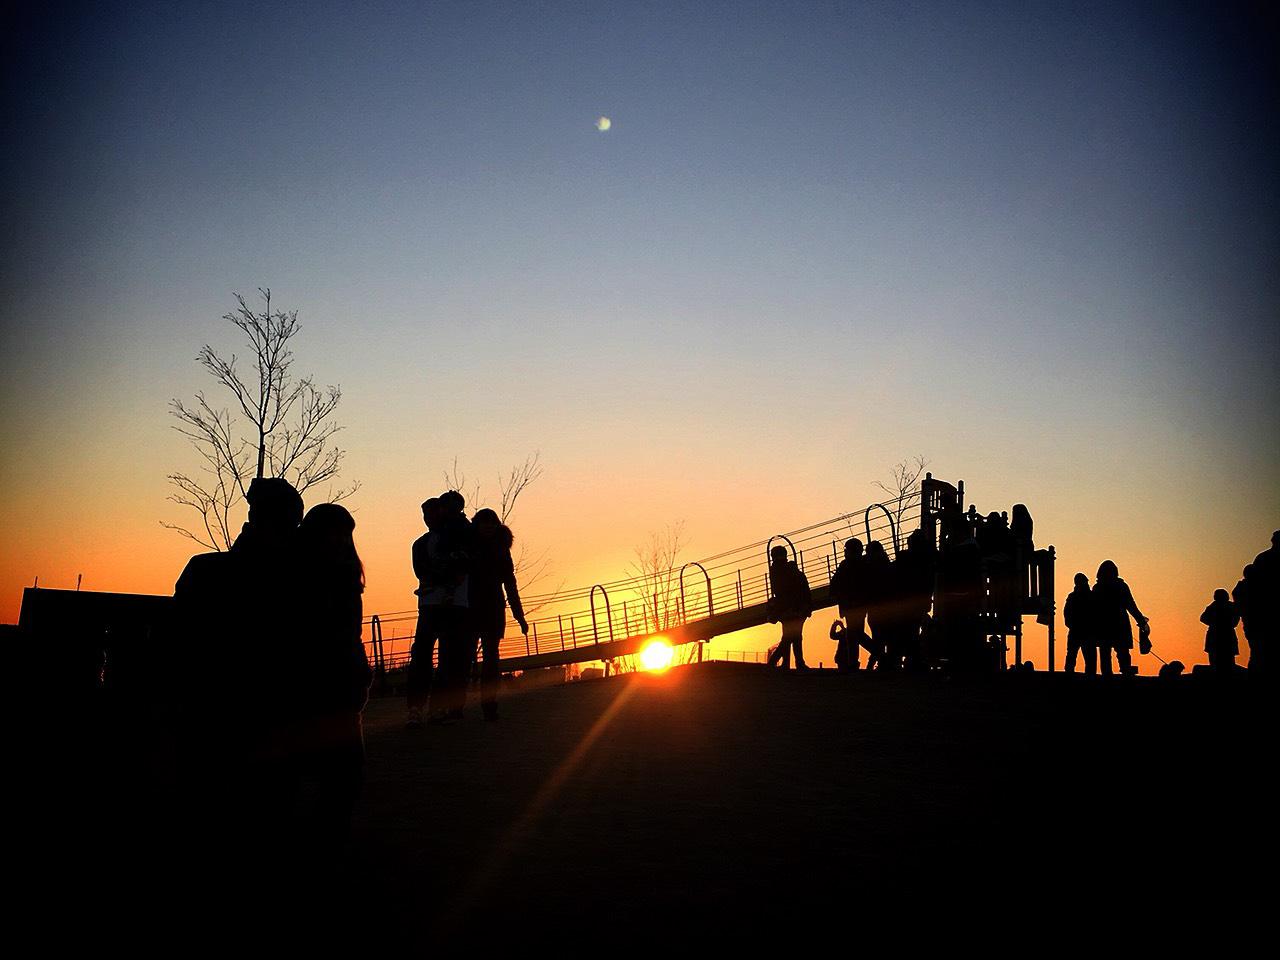 初日の出の光の写真(フリー素材)